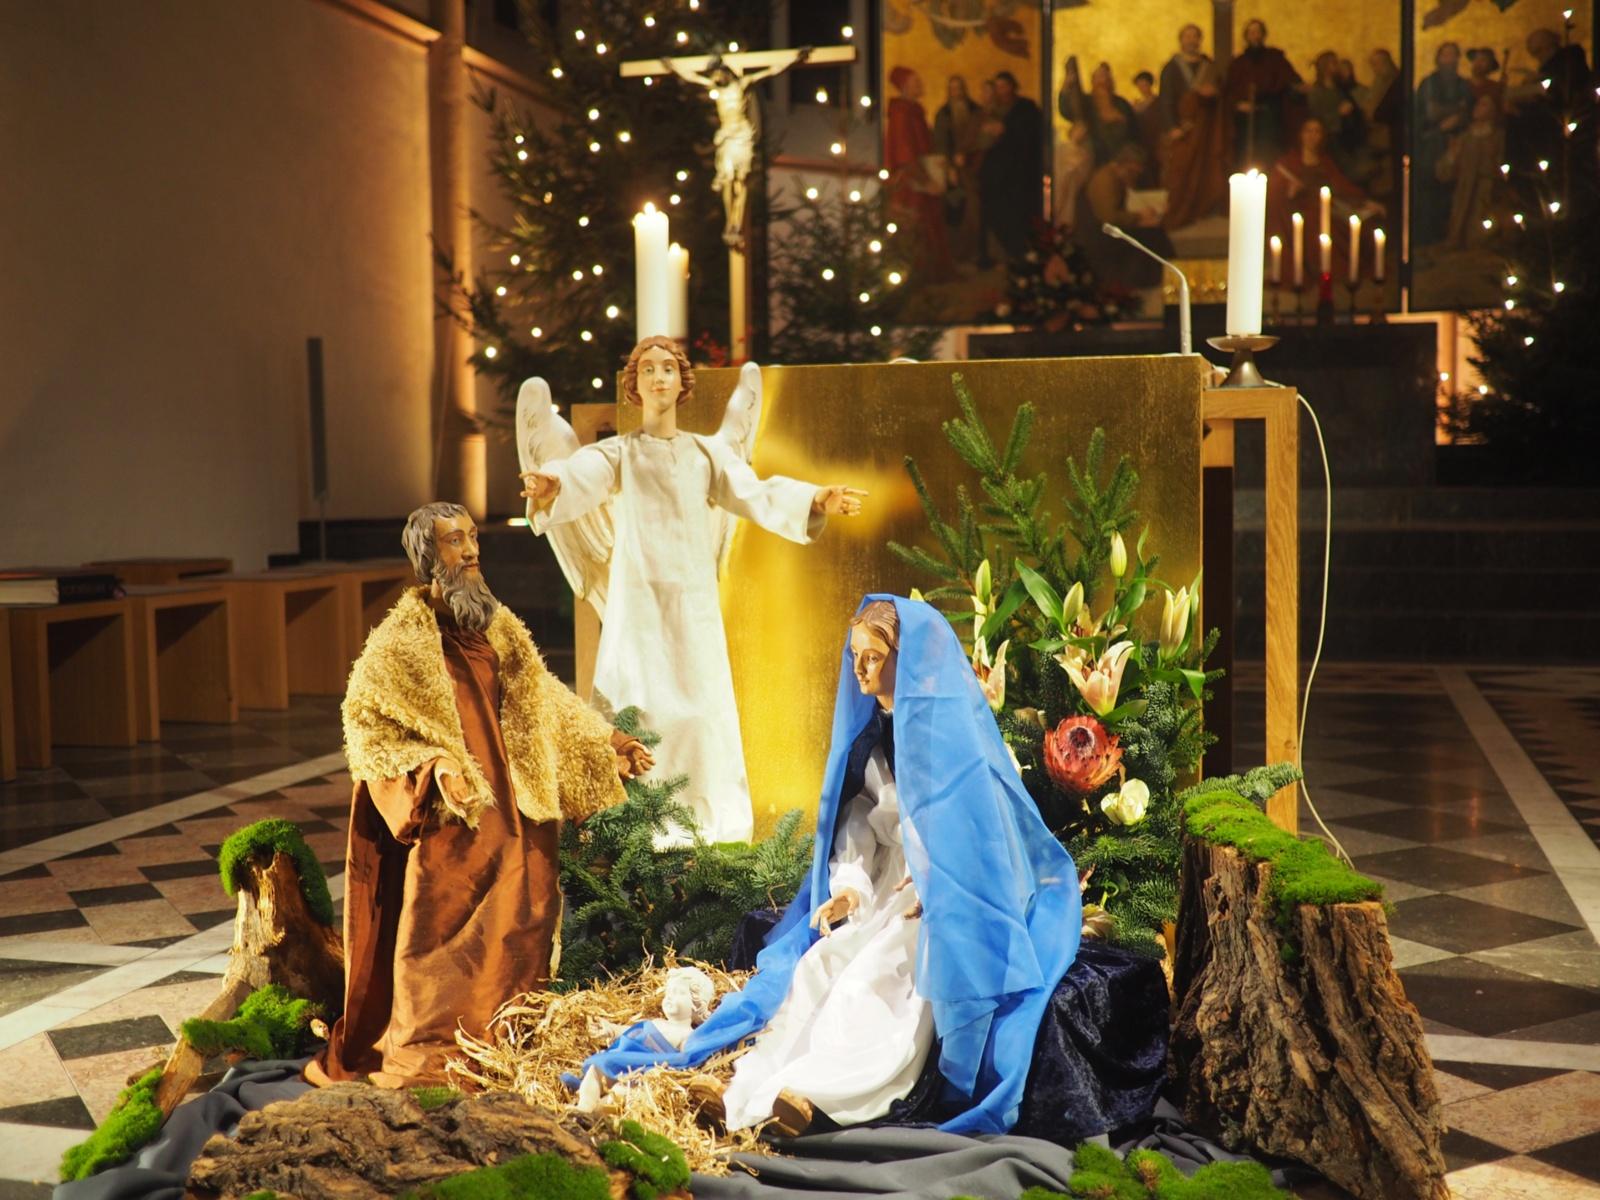 Heiliger Stephanus und zweiter Weihnachtsfeiertag, Predigt von ...